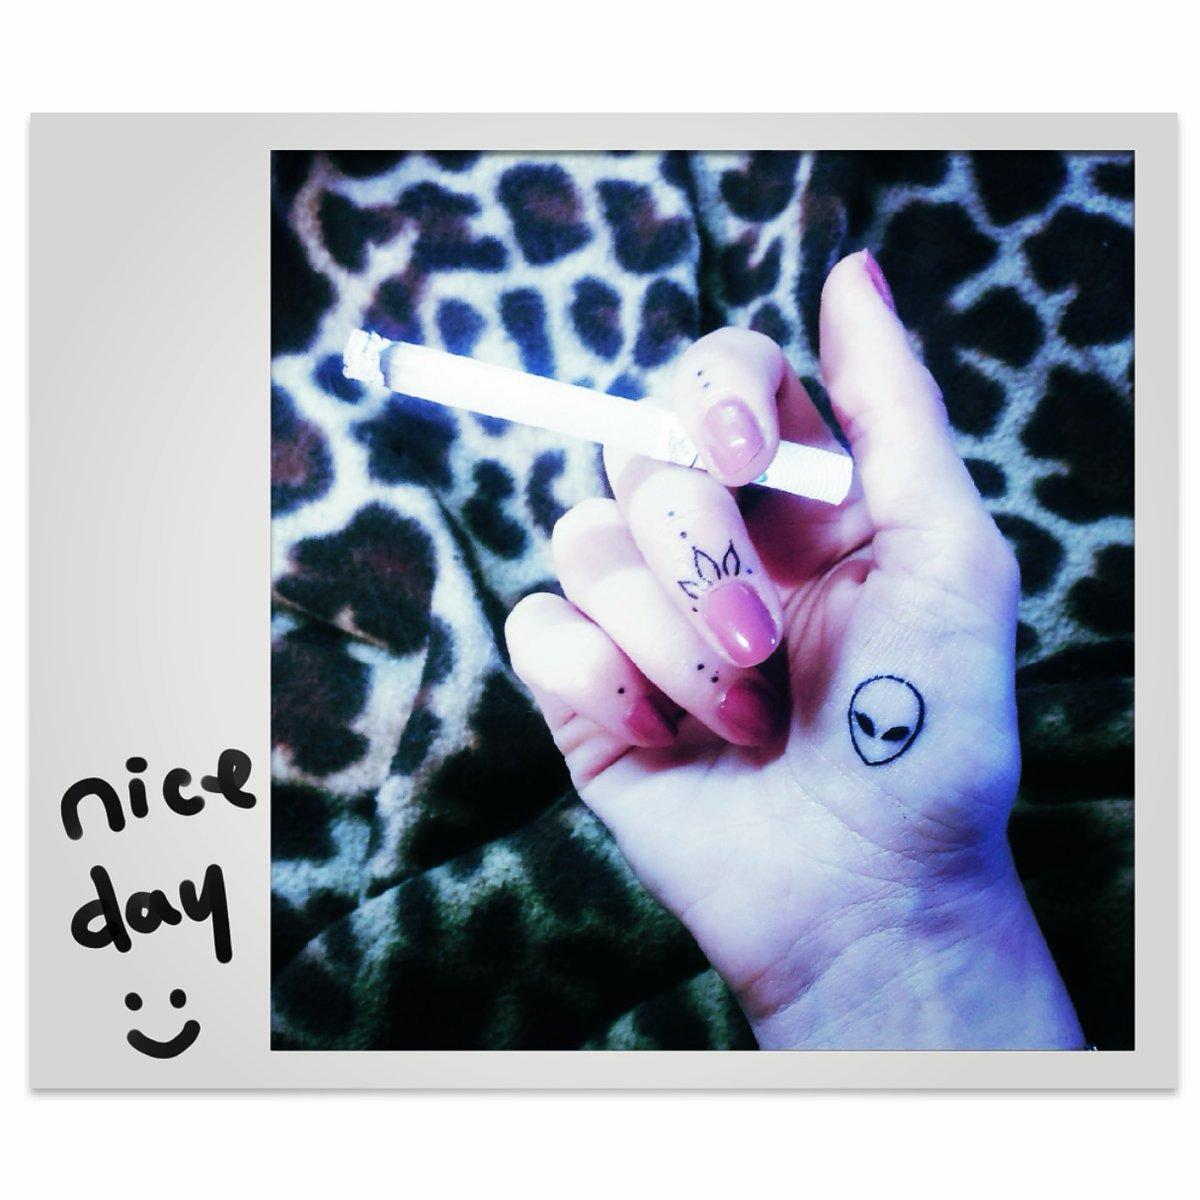 My new fissa: i tattuaggetti sulle mani #handstattoo #tattoo  #iwanttobelievepic.twitter.com/Hxi8gZz5Ns